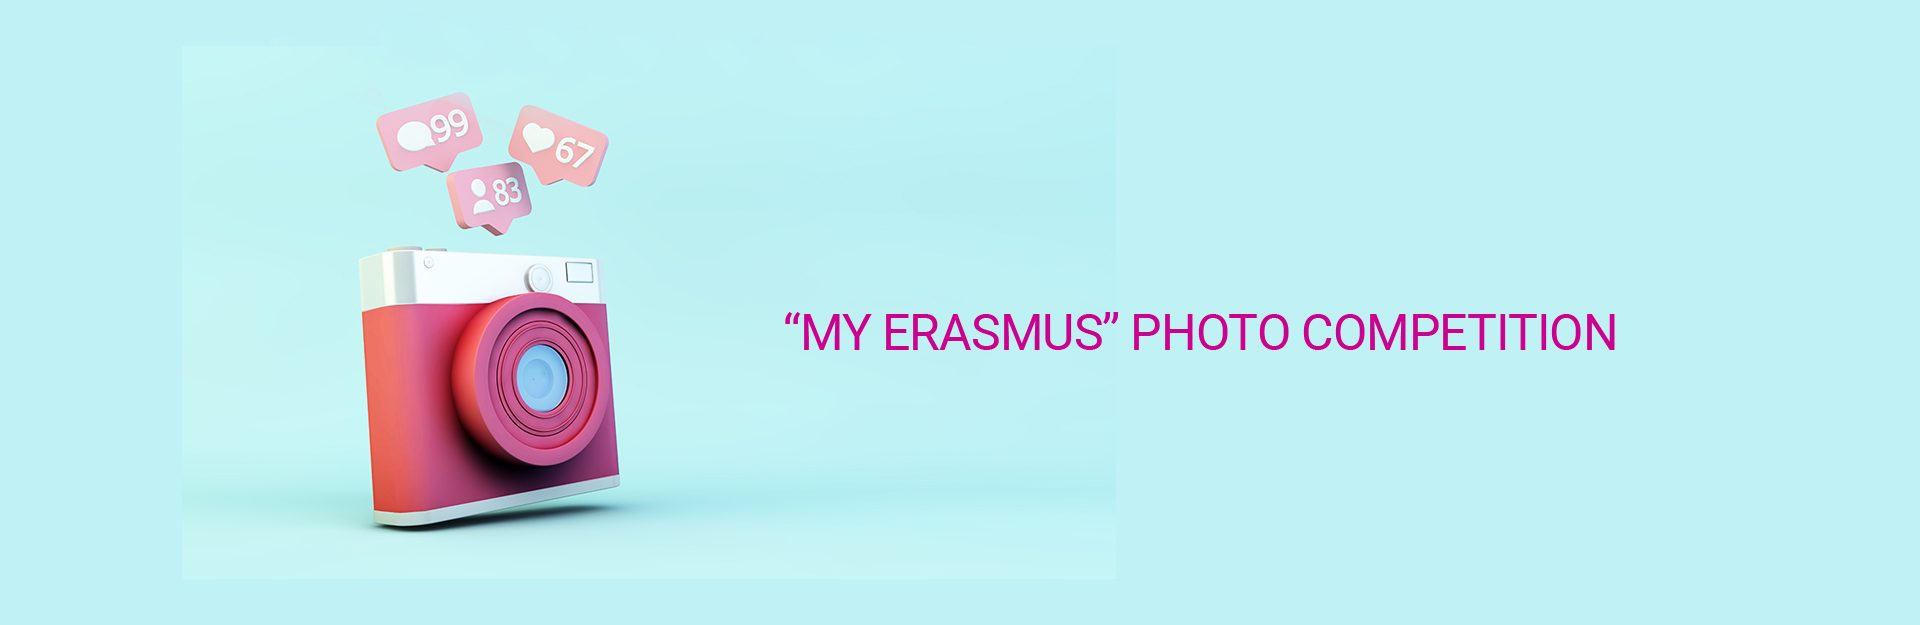 Kamera in fuchsia und aufsteigende rosa likes auf hellblauen Hintergrund